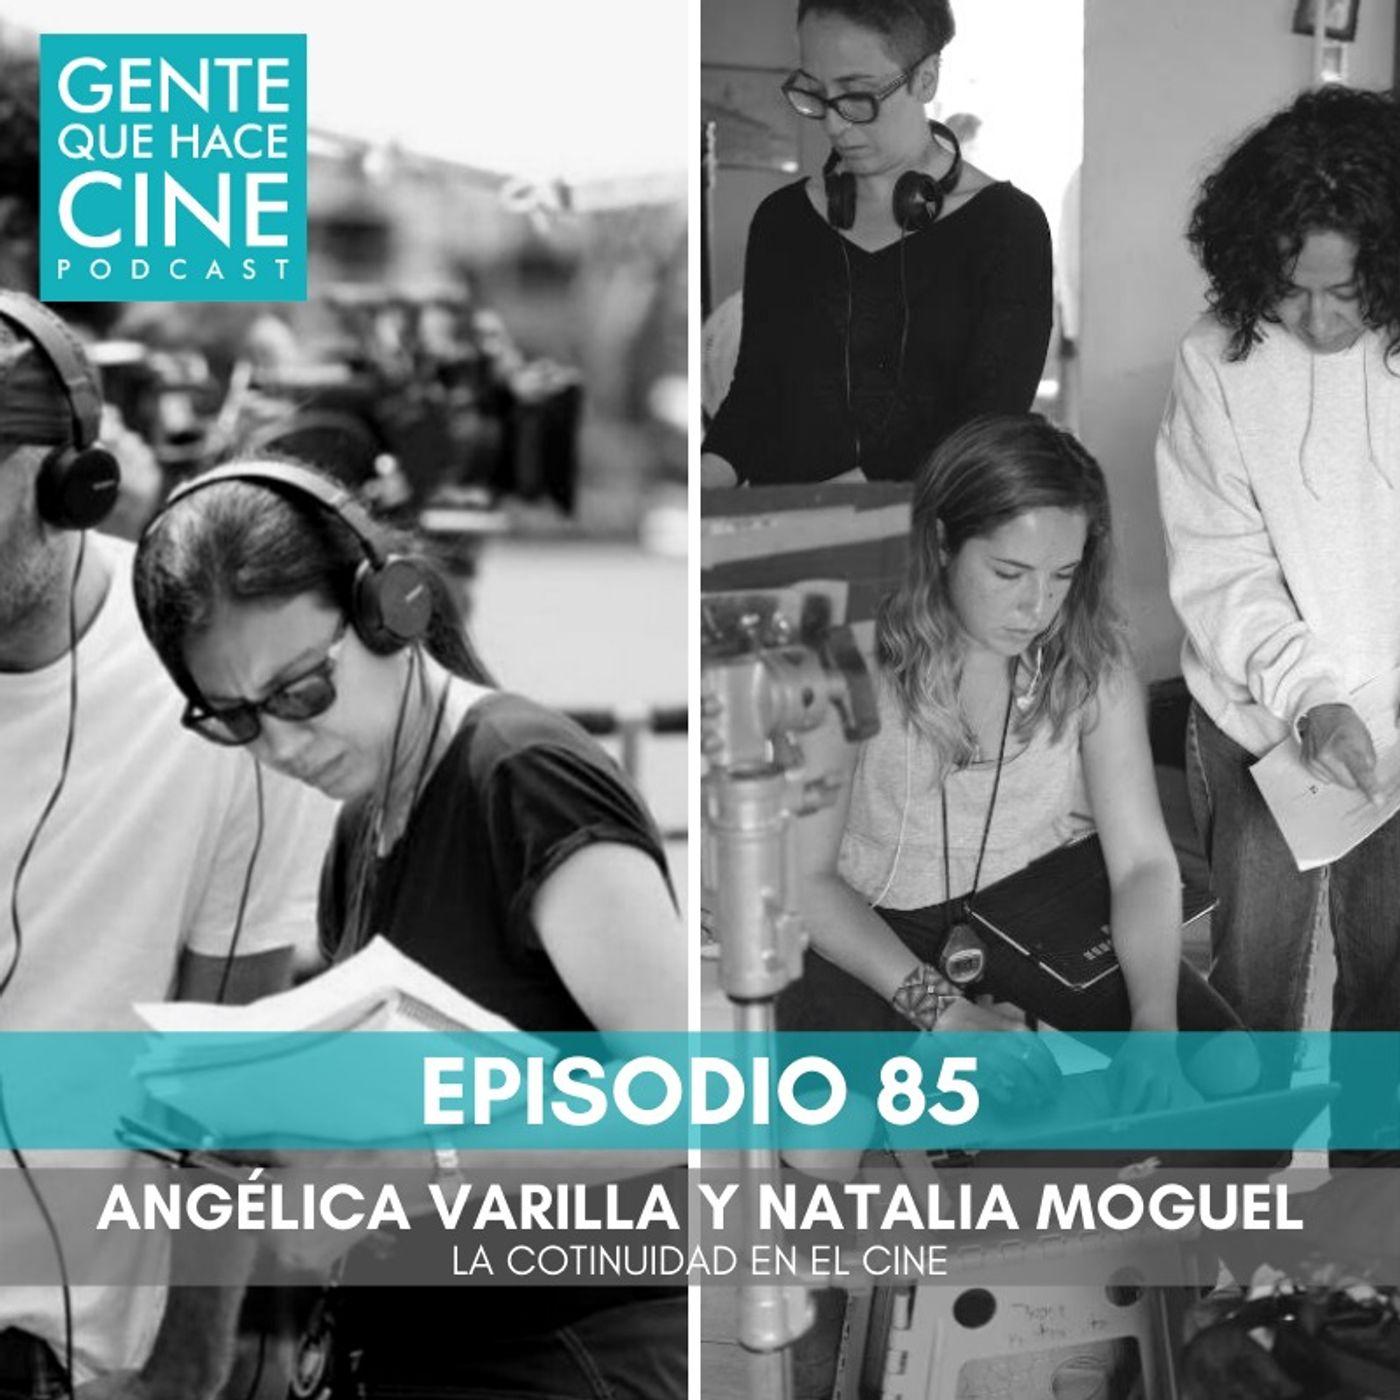 EP86: La continuidad con Natalia Moguel y Angélica Varilla